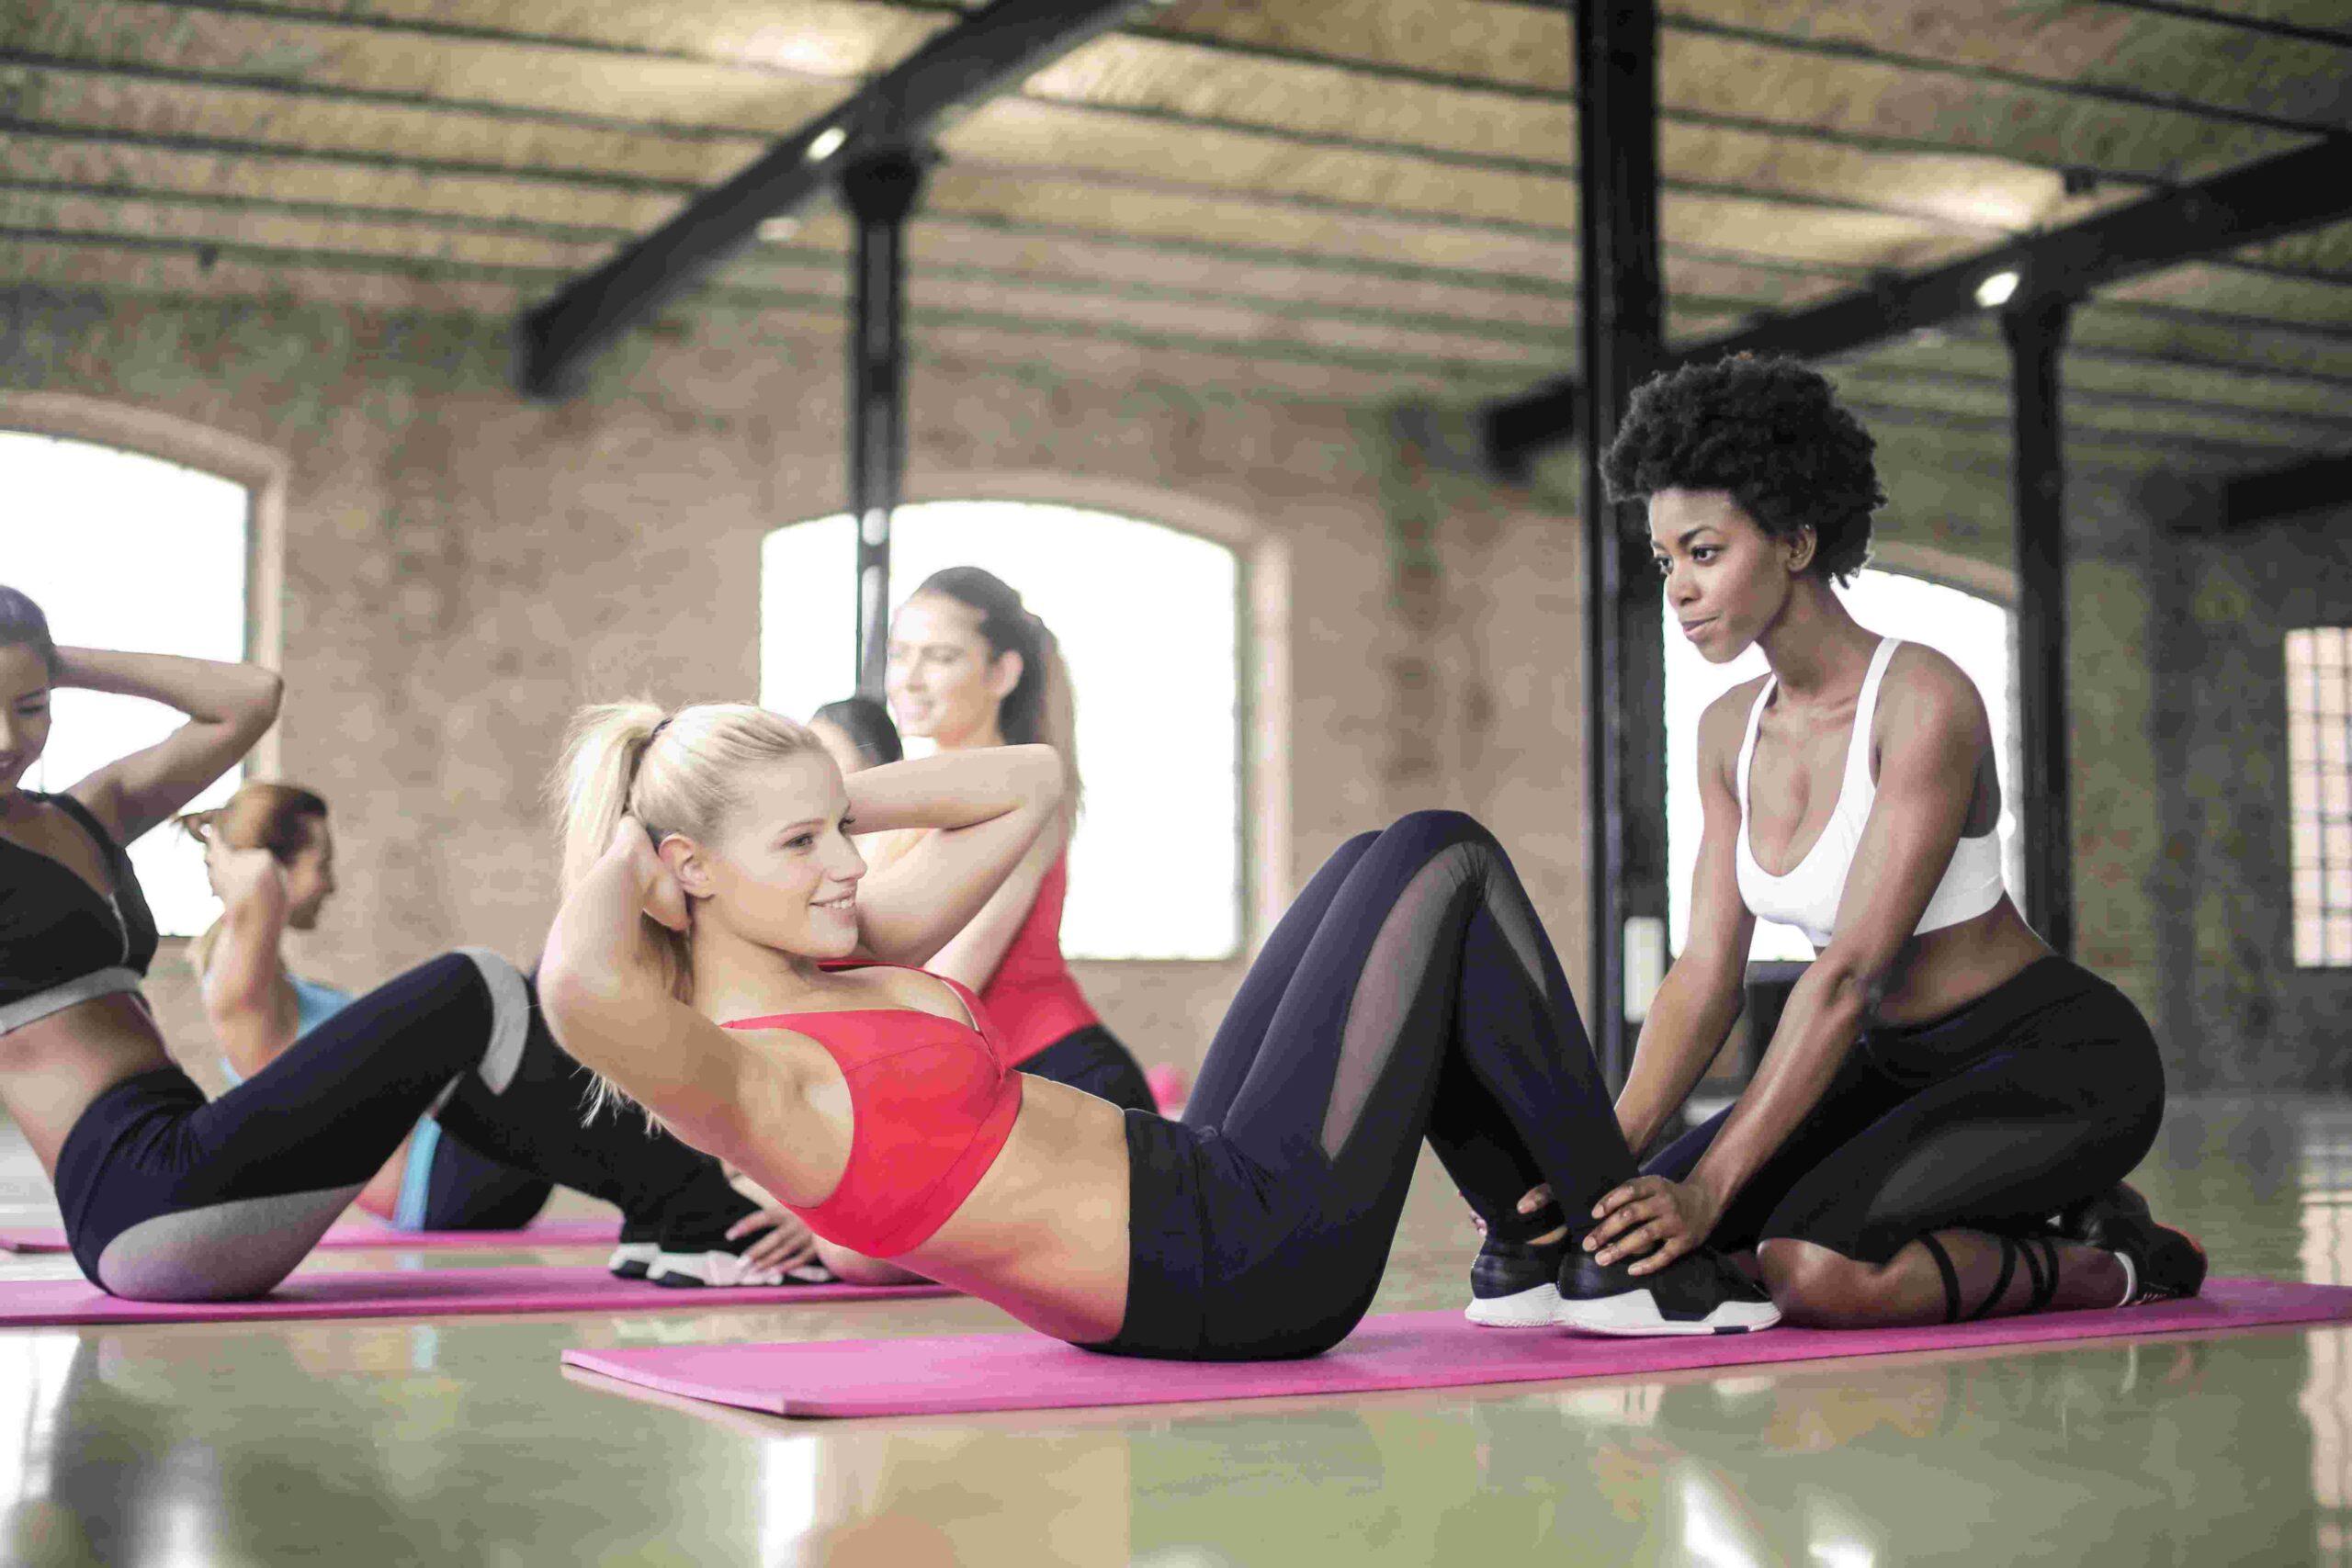 【検証】腹筋をすれば痩せられるの?ダイエットにどれほど効果があるのか完全解説